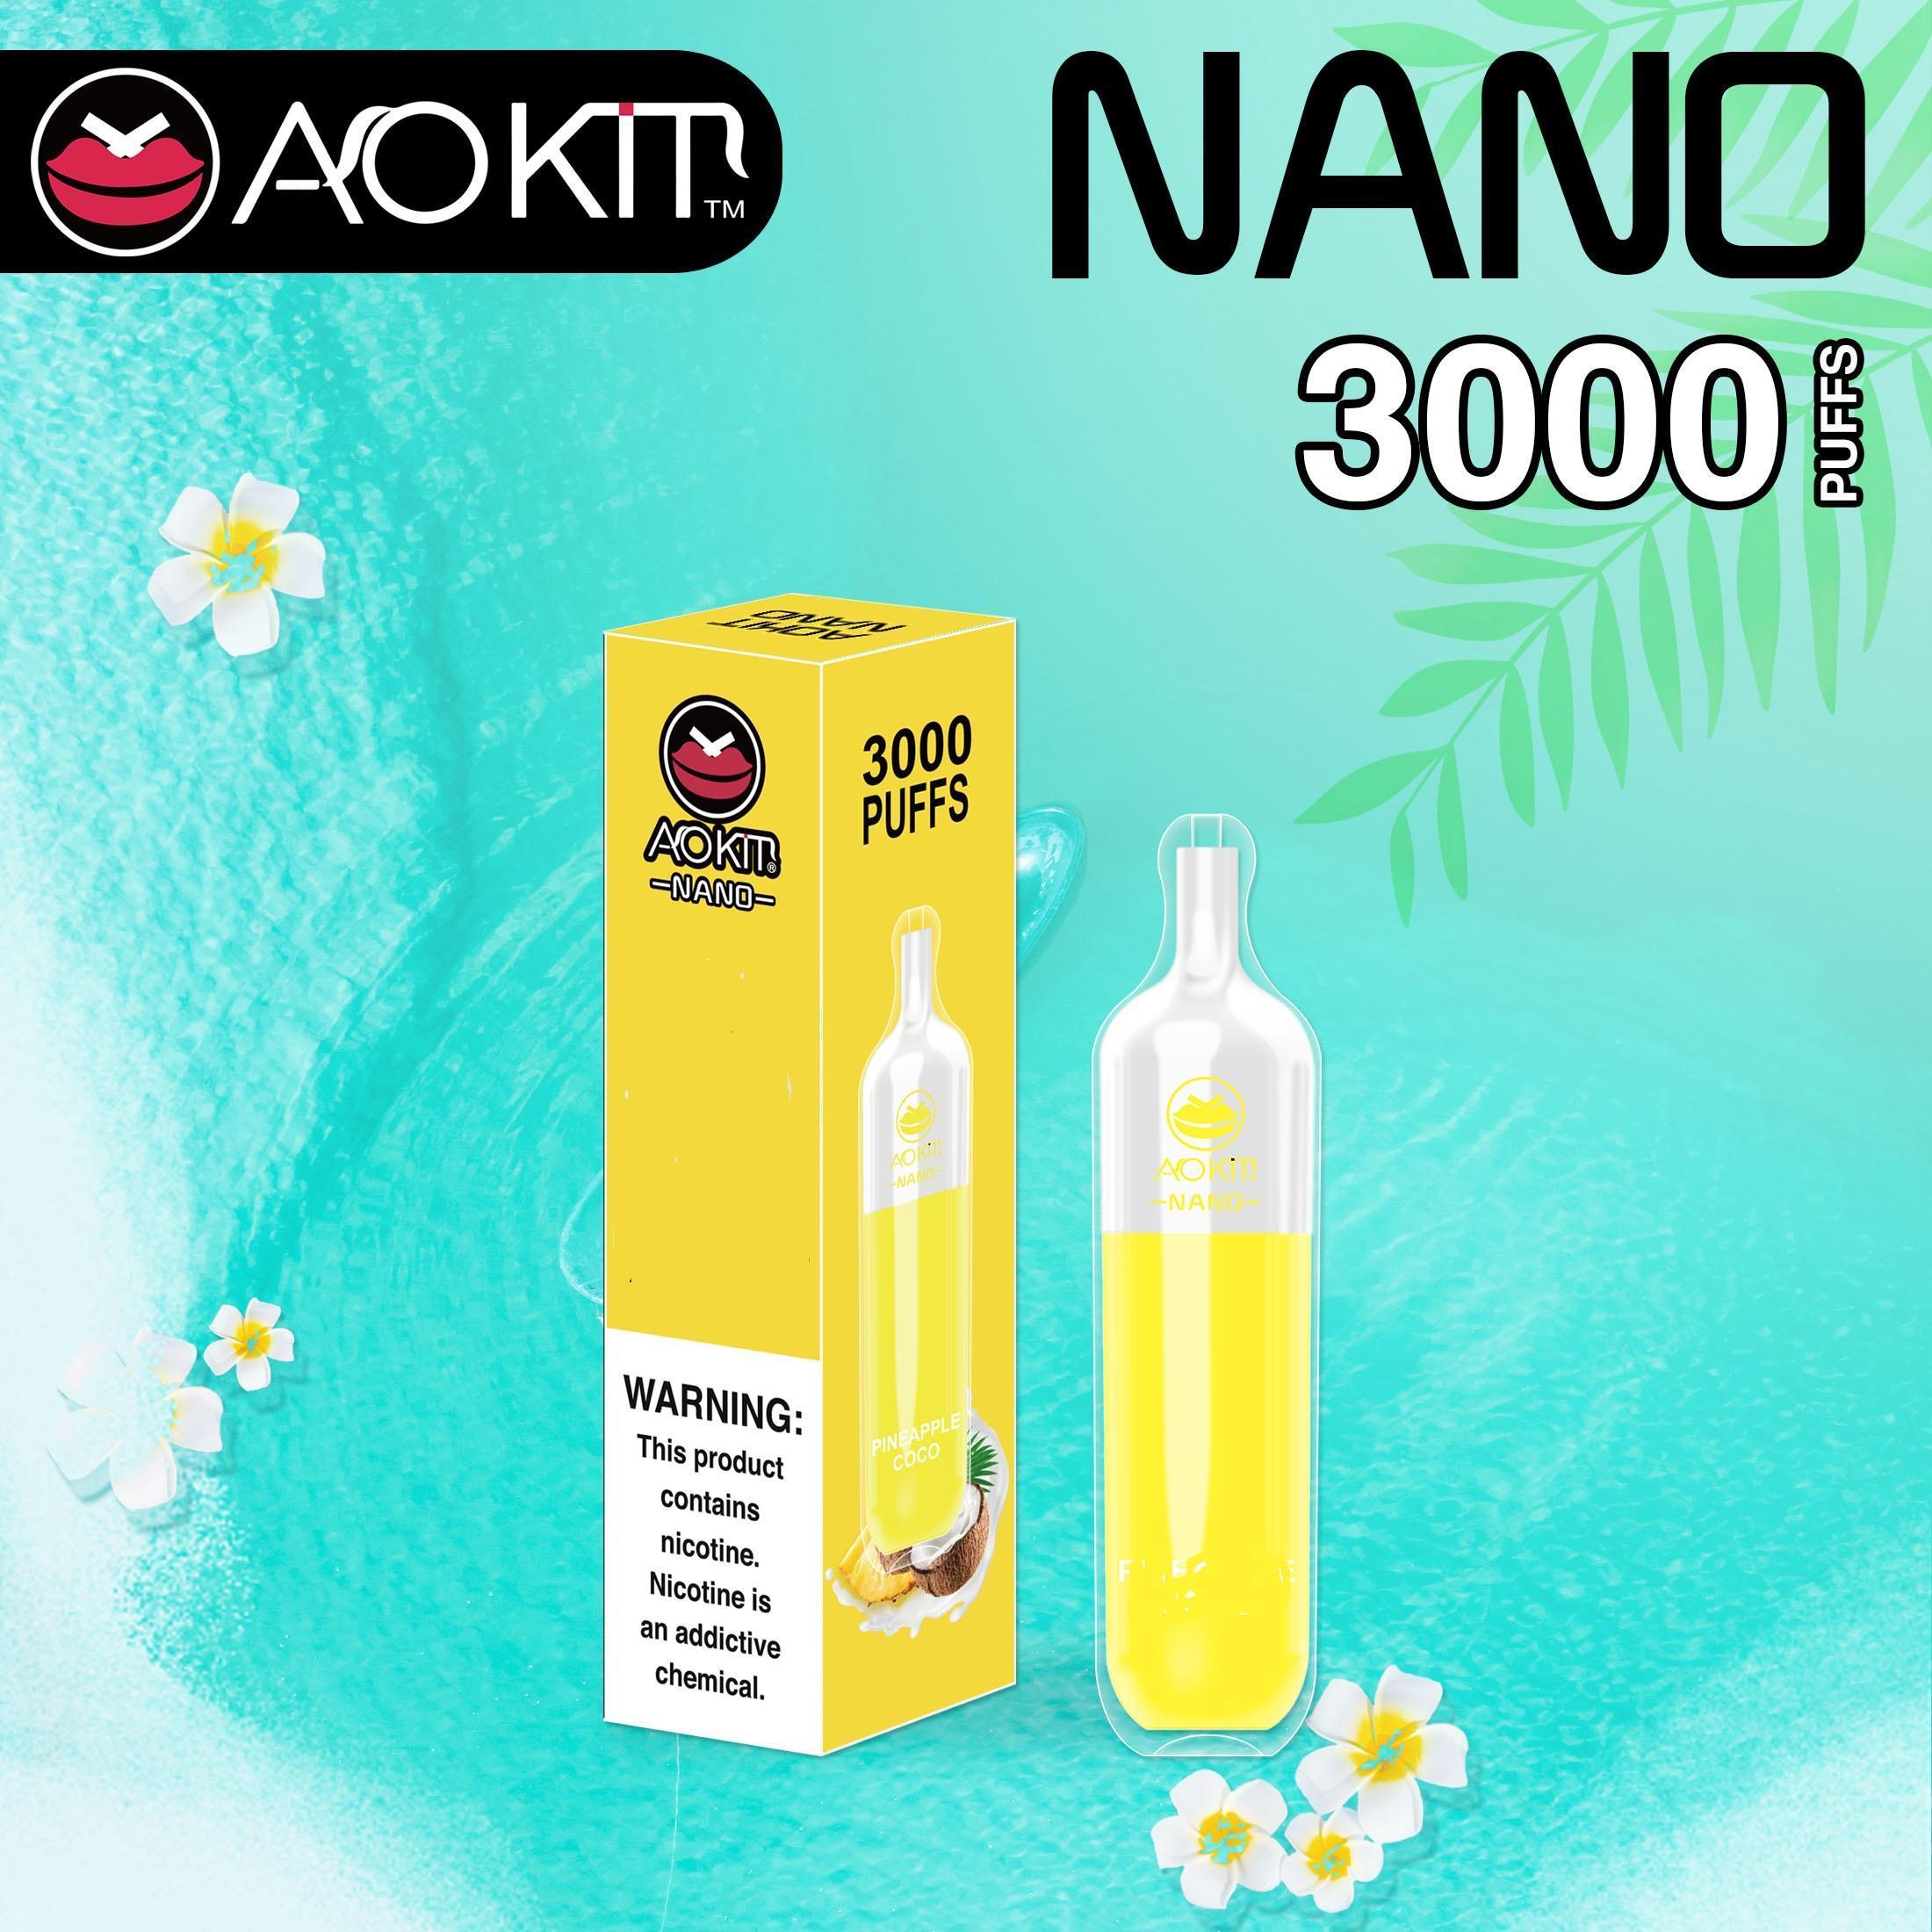 Aokit Nano Original Einweg Zigaretten 3000Puff Pods Dampf 8 ml 5% Kapazität 1100mAh Batterie Ecigs Verdampfer vs Gunnpod Bang XXL Geek Bar Hzko Idol Grippe Floa